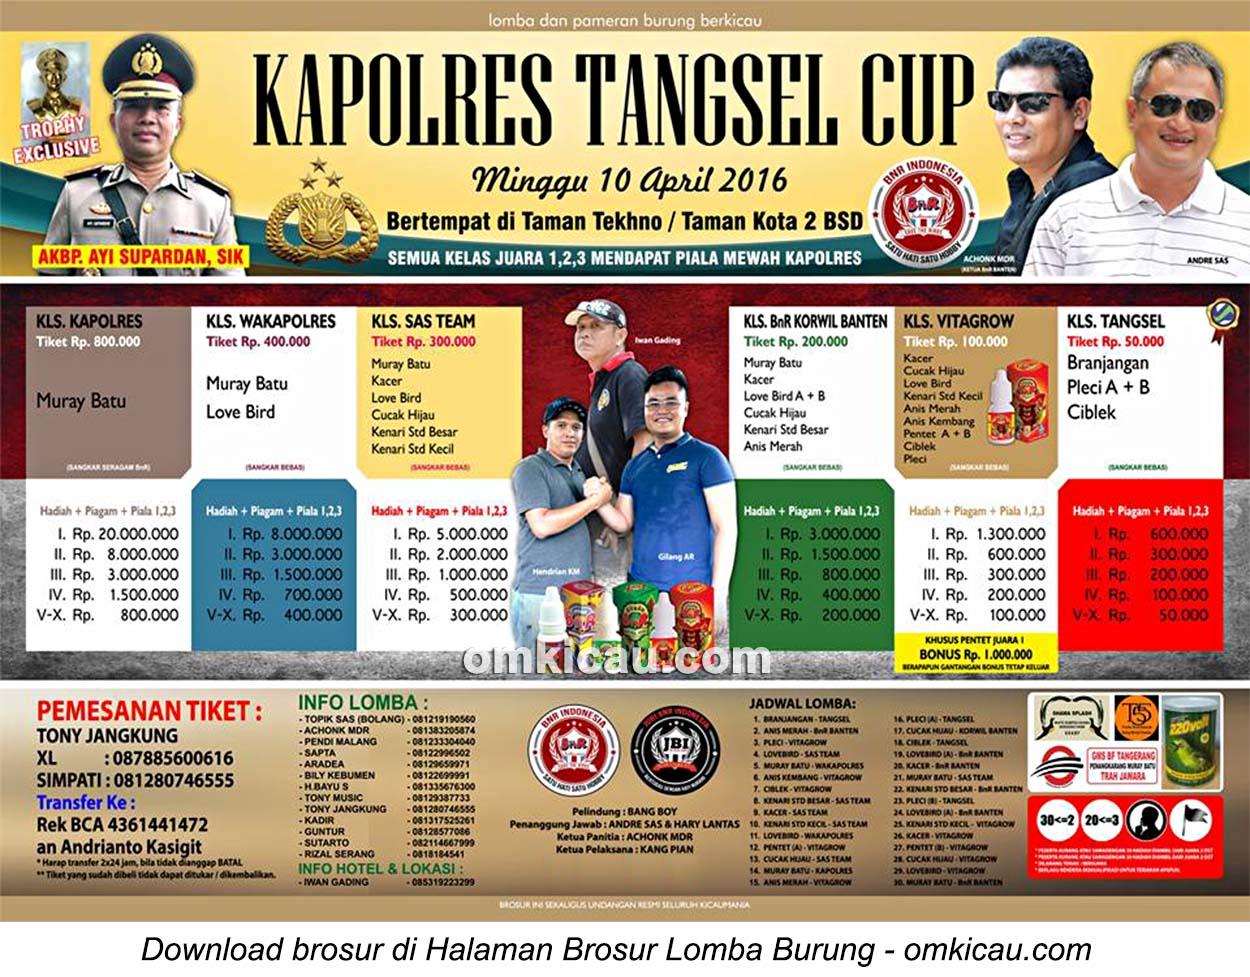 Brosur Lomba Burung Berkicau Kapolres Tangsel Cup, BSD, 10 April 2016